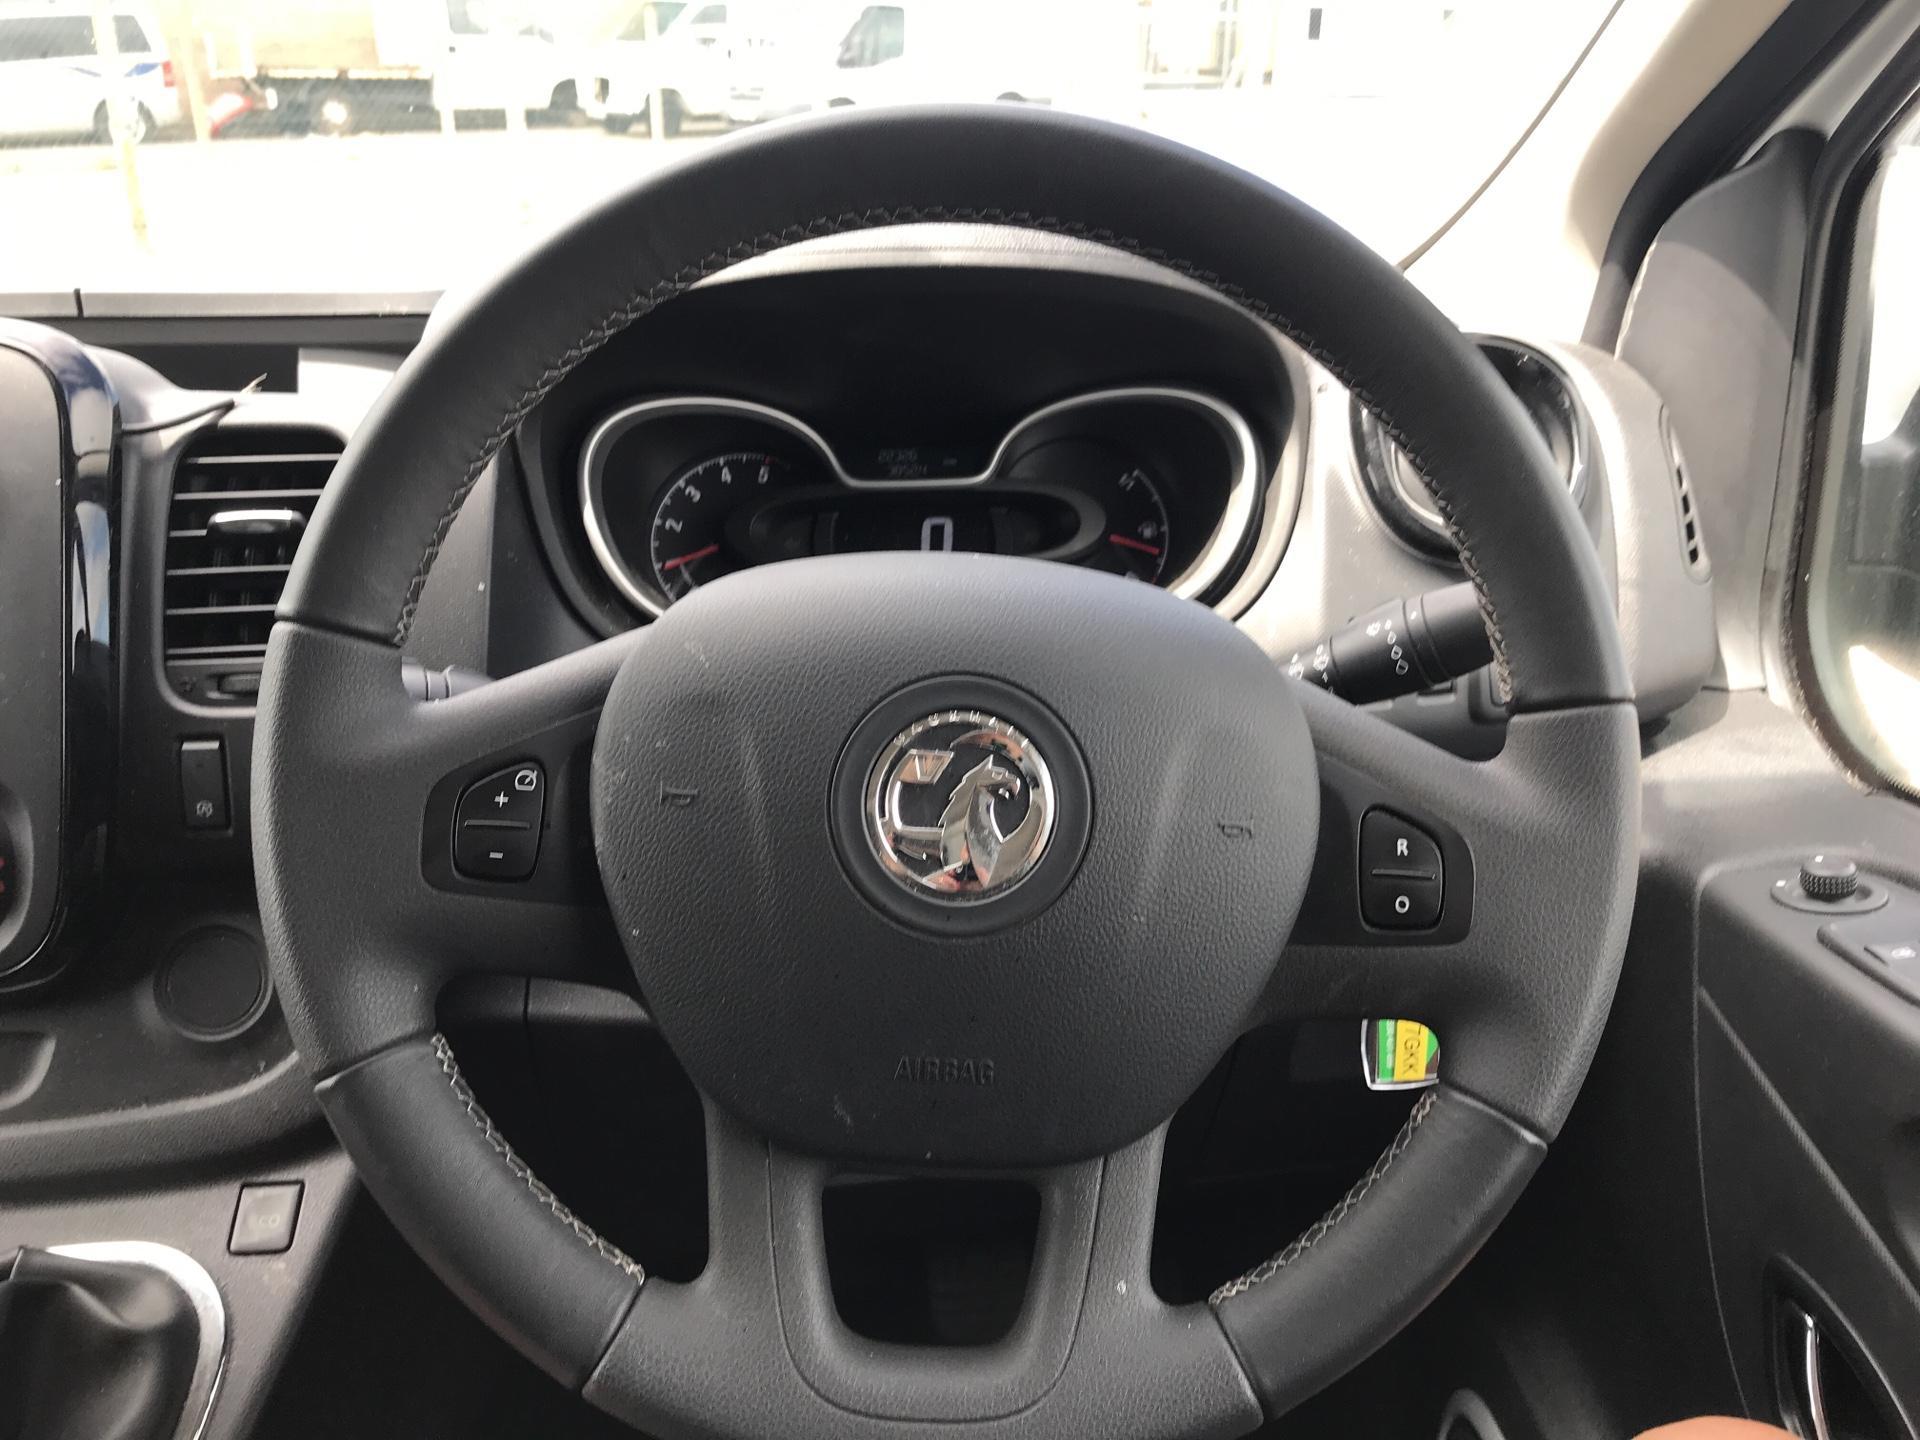 2017 Vauxhall Vivaro L2 H1 2900 1.6 115PS SPORTIVE BITURBO  EURO 5 (YS17GKK) Image 12